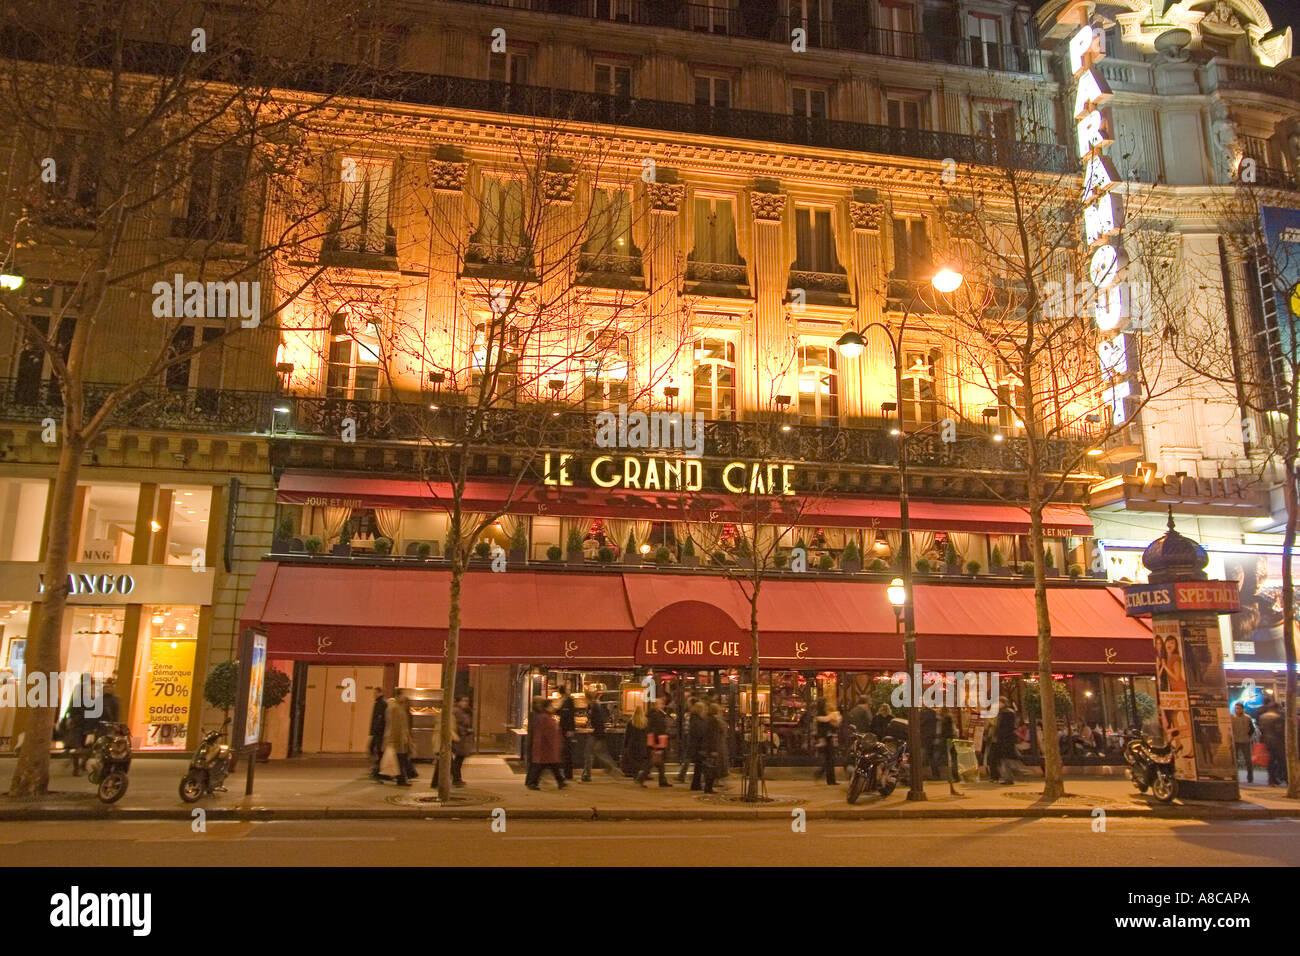 Paris France Le Grand Cafe Bd de Capucines Stock Photo: 6890473 - Alamy